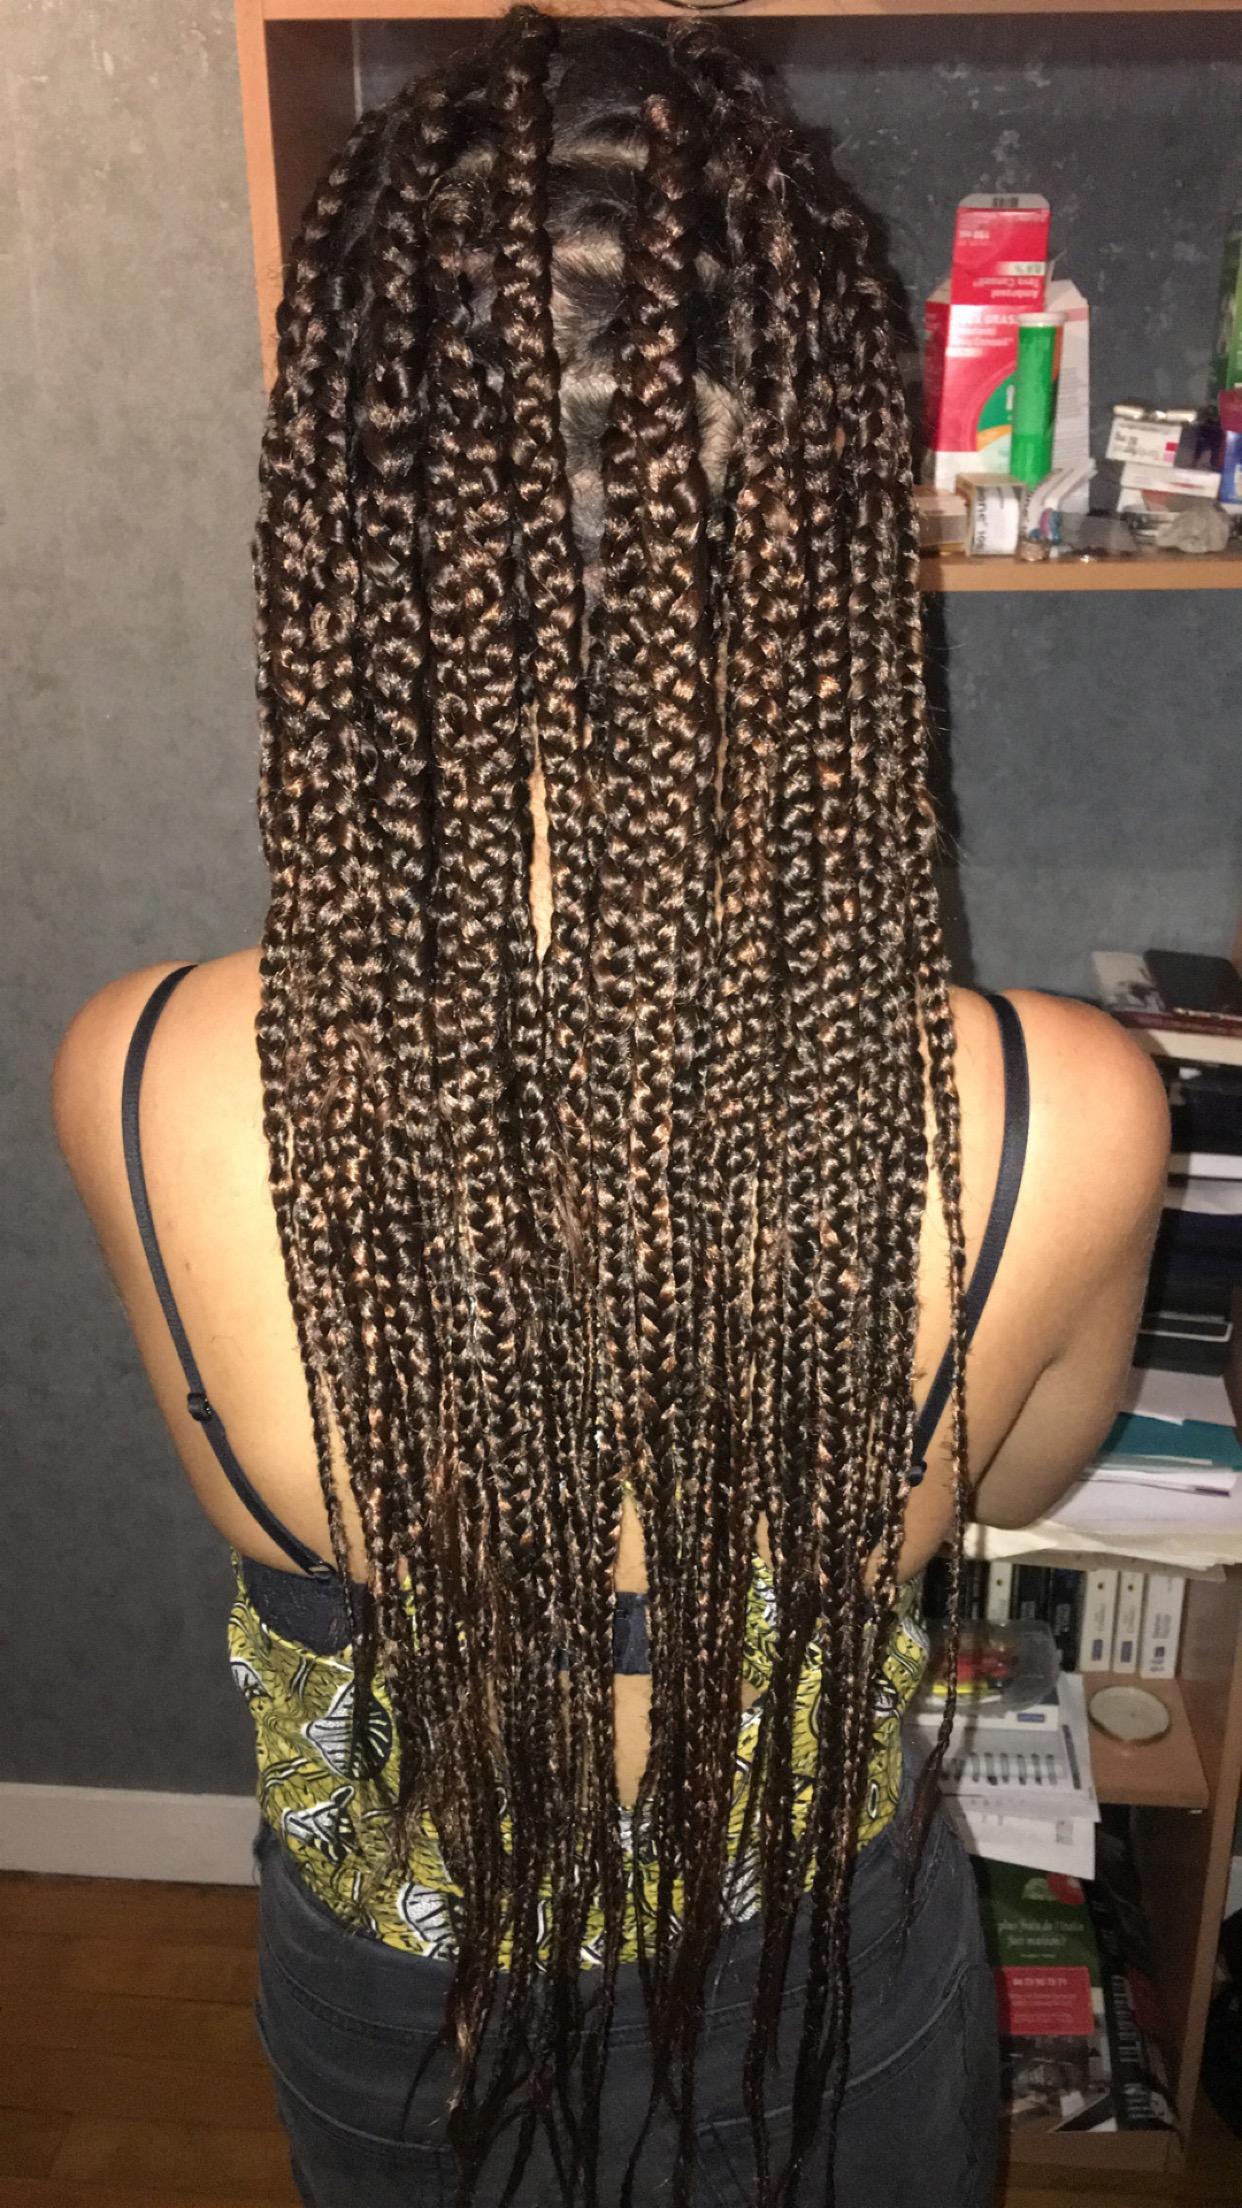 salon de coiffure afro tresse tresses box braids crochet braids vanilles tissages paris 75 77 78 91 92 93 94 95 QJXXGDOD